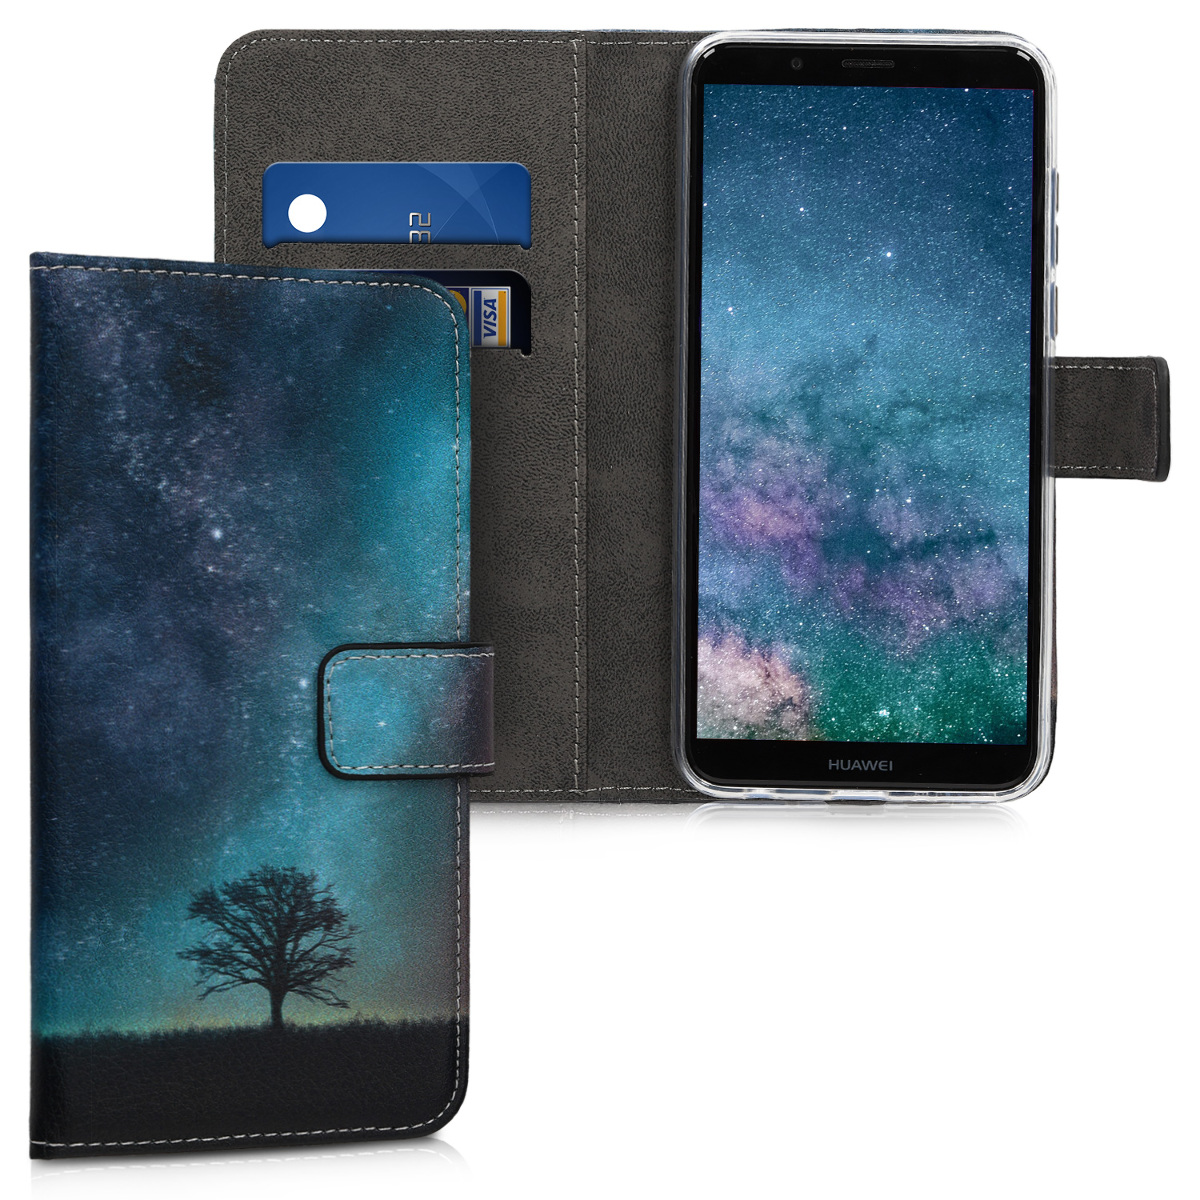 KW Θήκη - Πορτοφόλι Huawei Y7 / Y7 Prime 2018 - Galaxy Tree (45924.03)